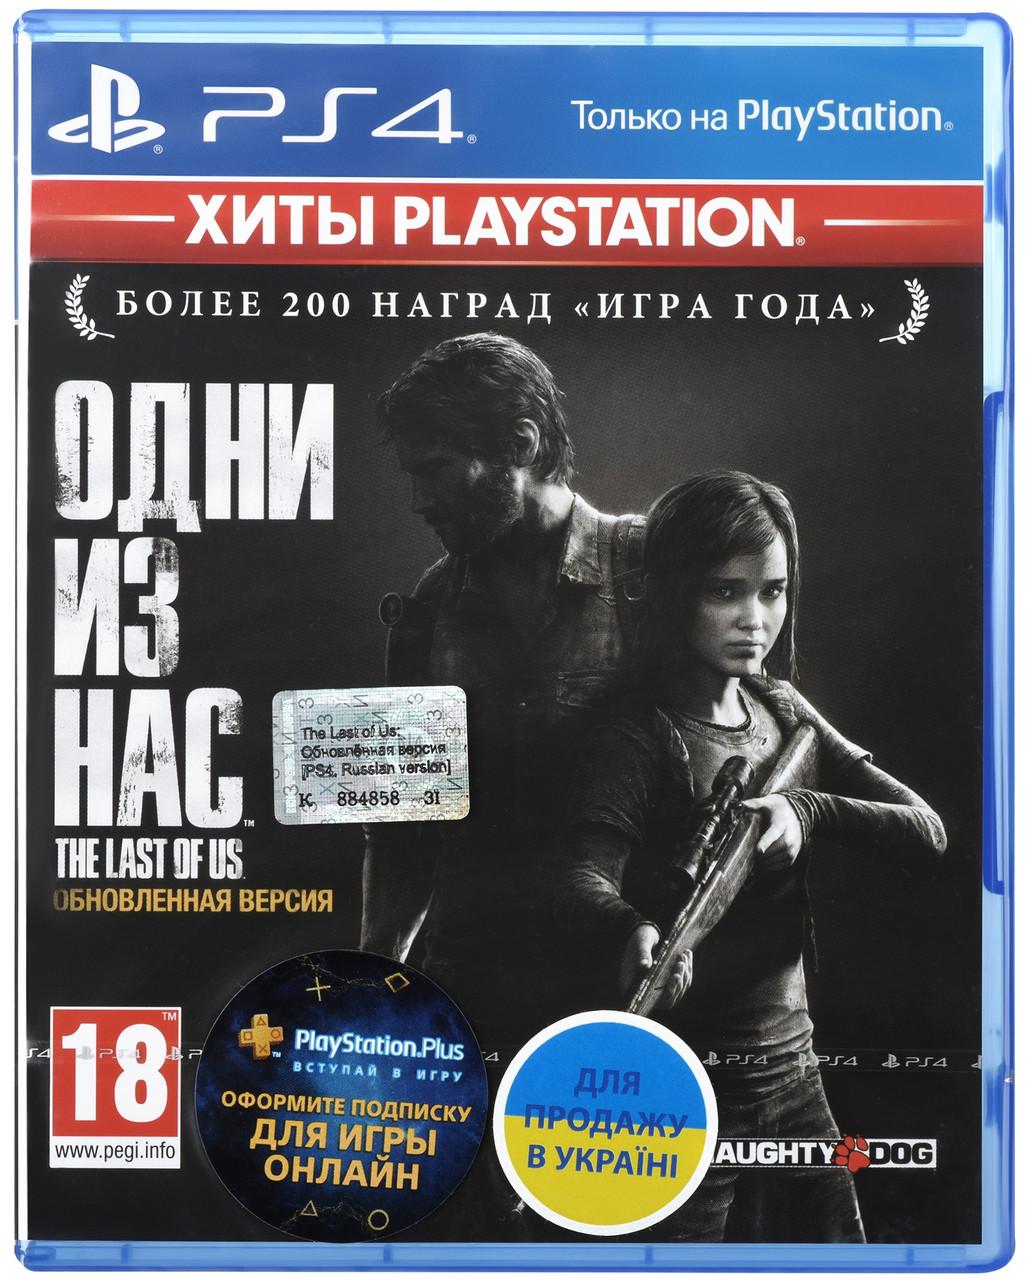 Гра The Last of Us: Оновлена версія (PlayStation)